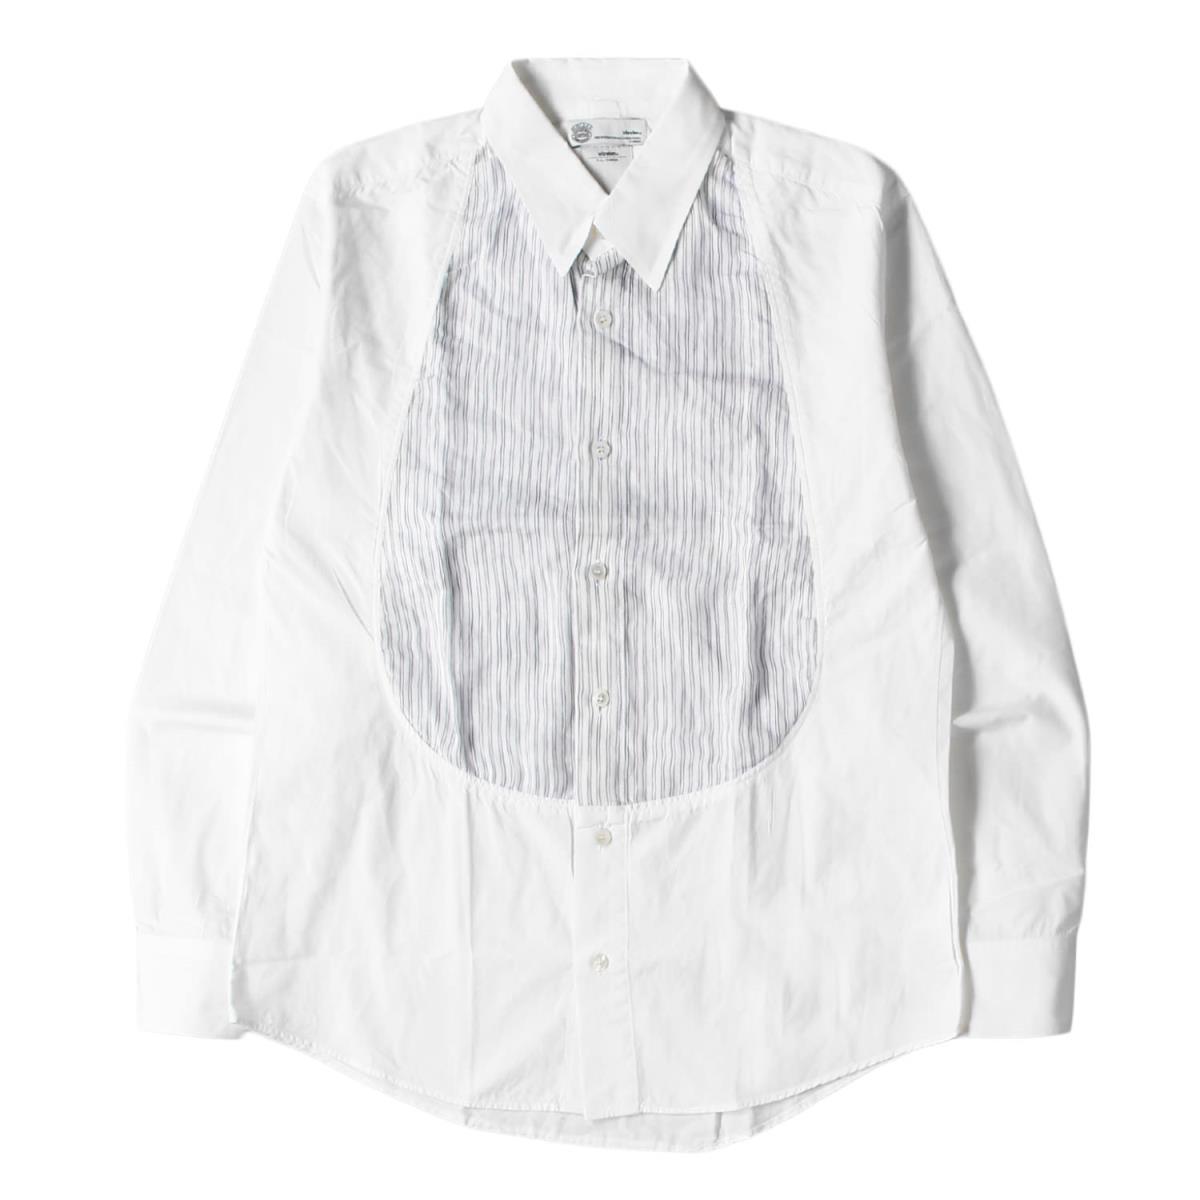 トップス, カジュアルシャツ visvim F.I.L MARCELLA STRIPE SHIRT LS GIZA 1 K3026